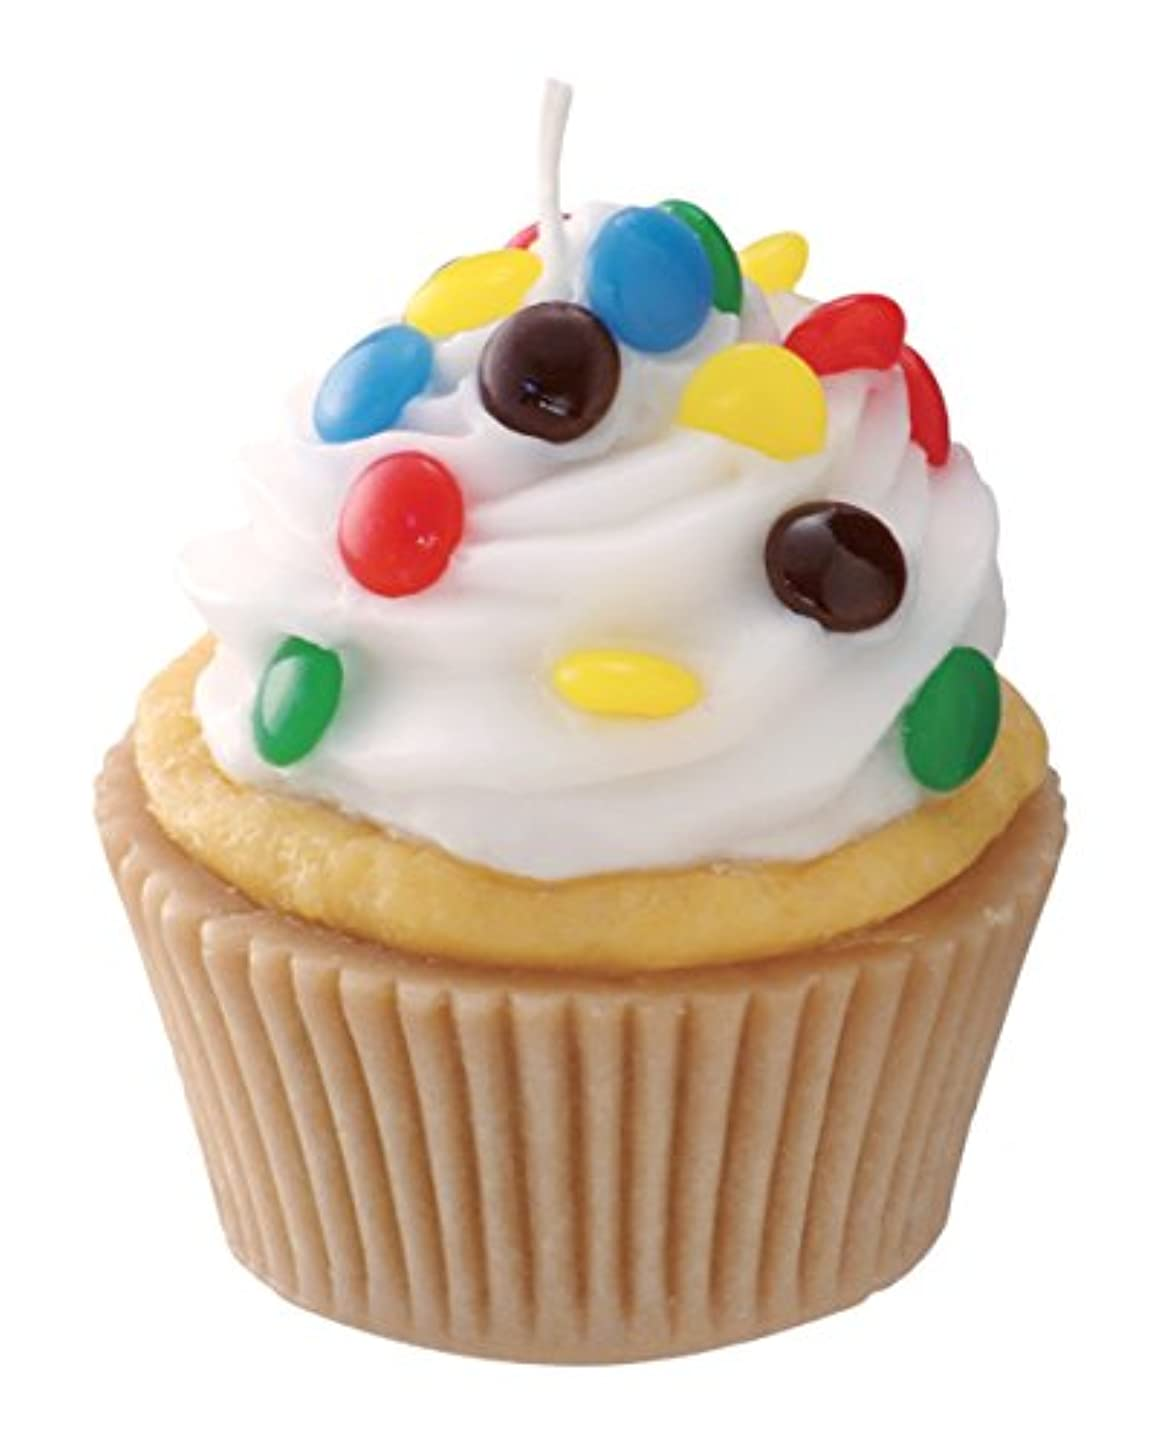 メッシュ概して気絶させるカメヤマキャンドルハウス 本物そっくり! アメリカンカップケーキキャンドル ホワイトクリーム チョコレートの香り